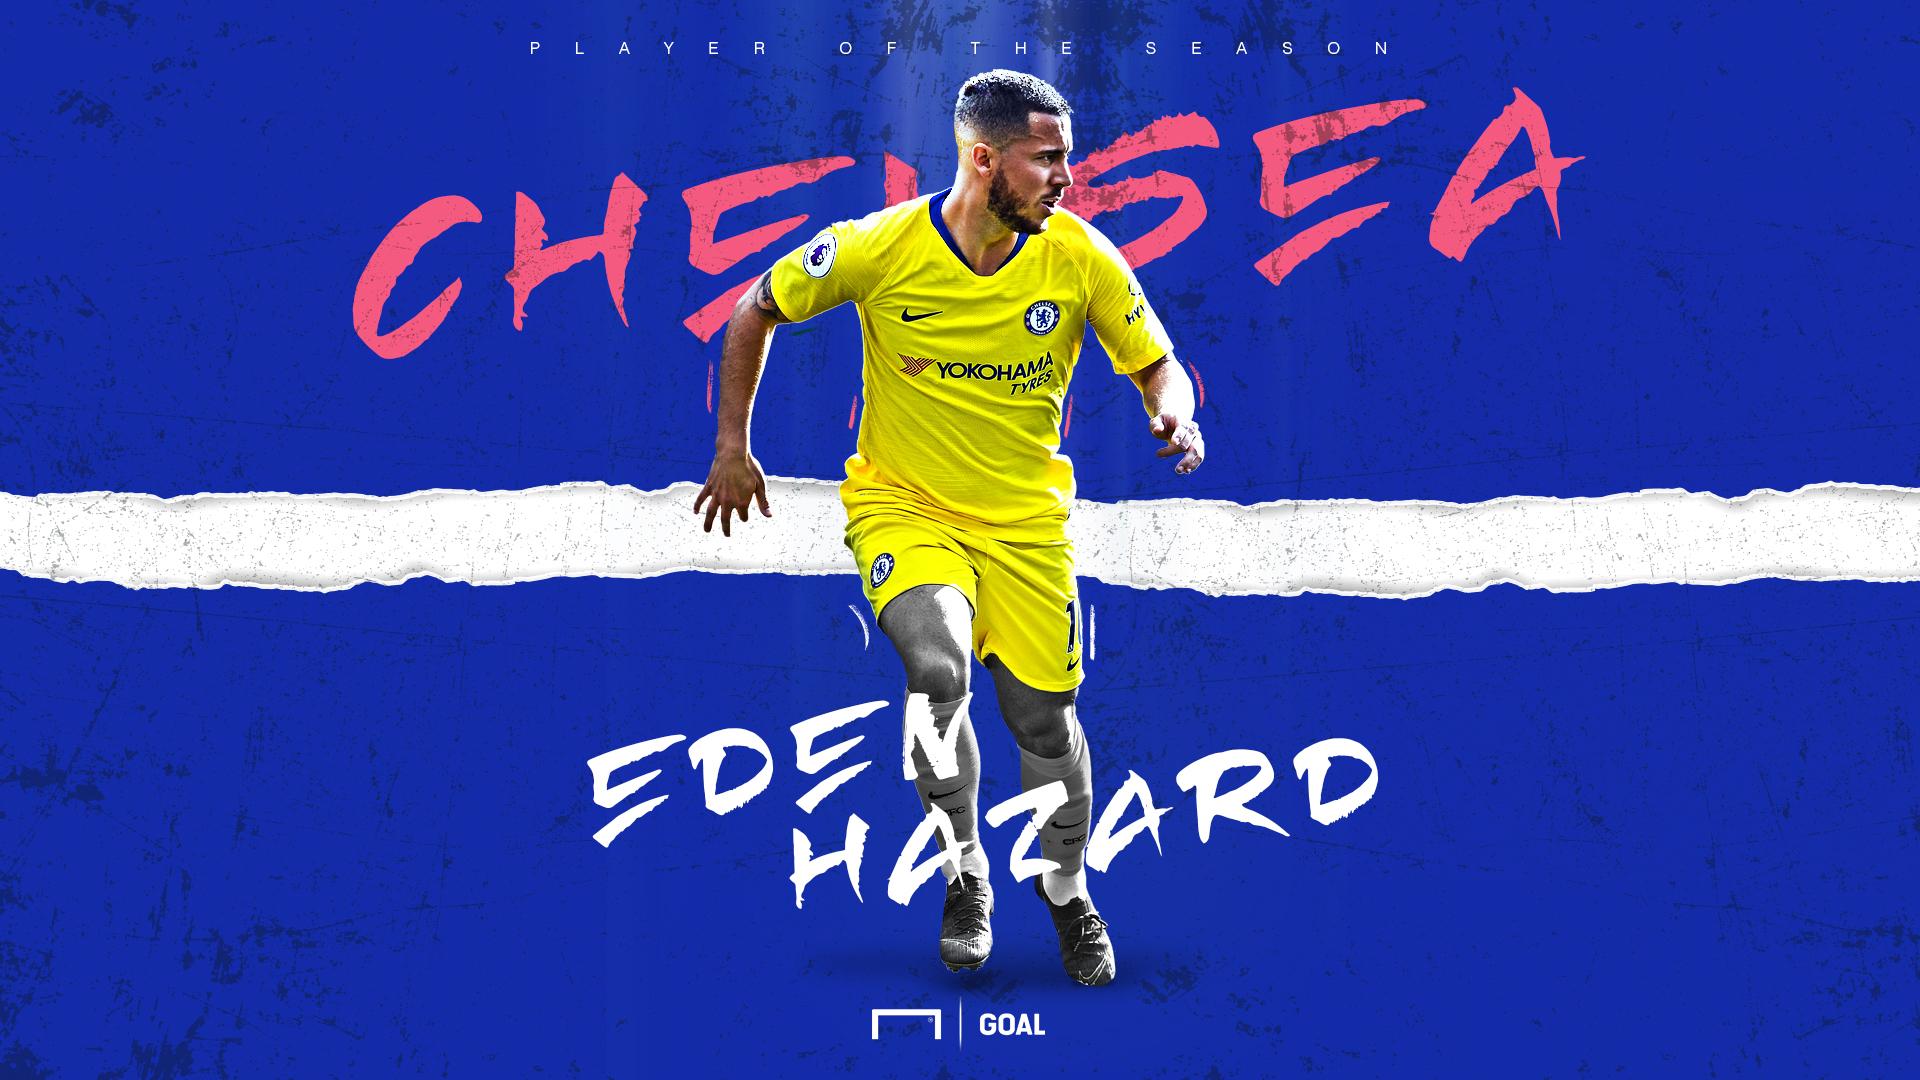 Eden Hazard Chelsea POTS